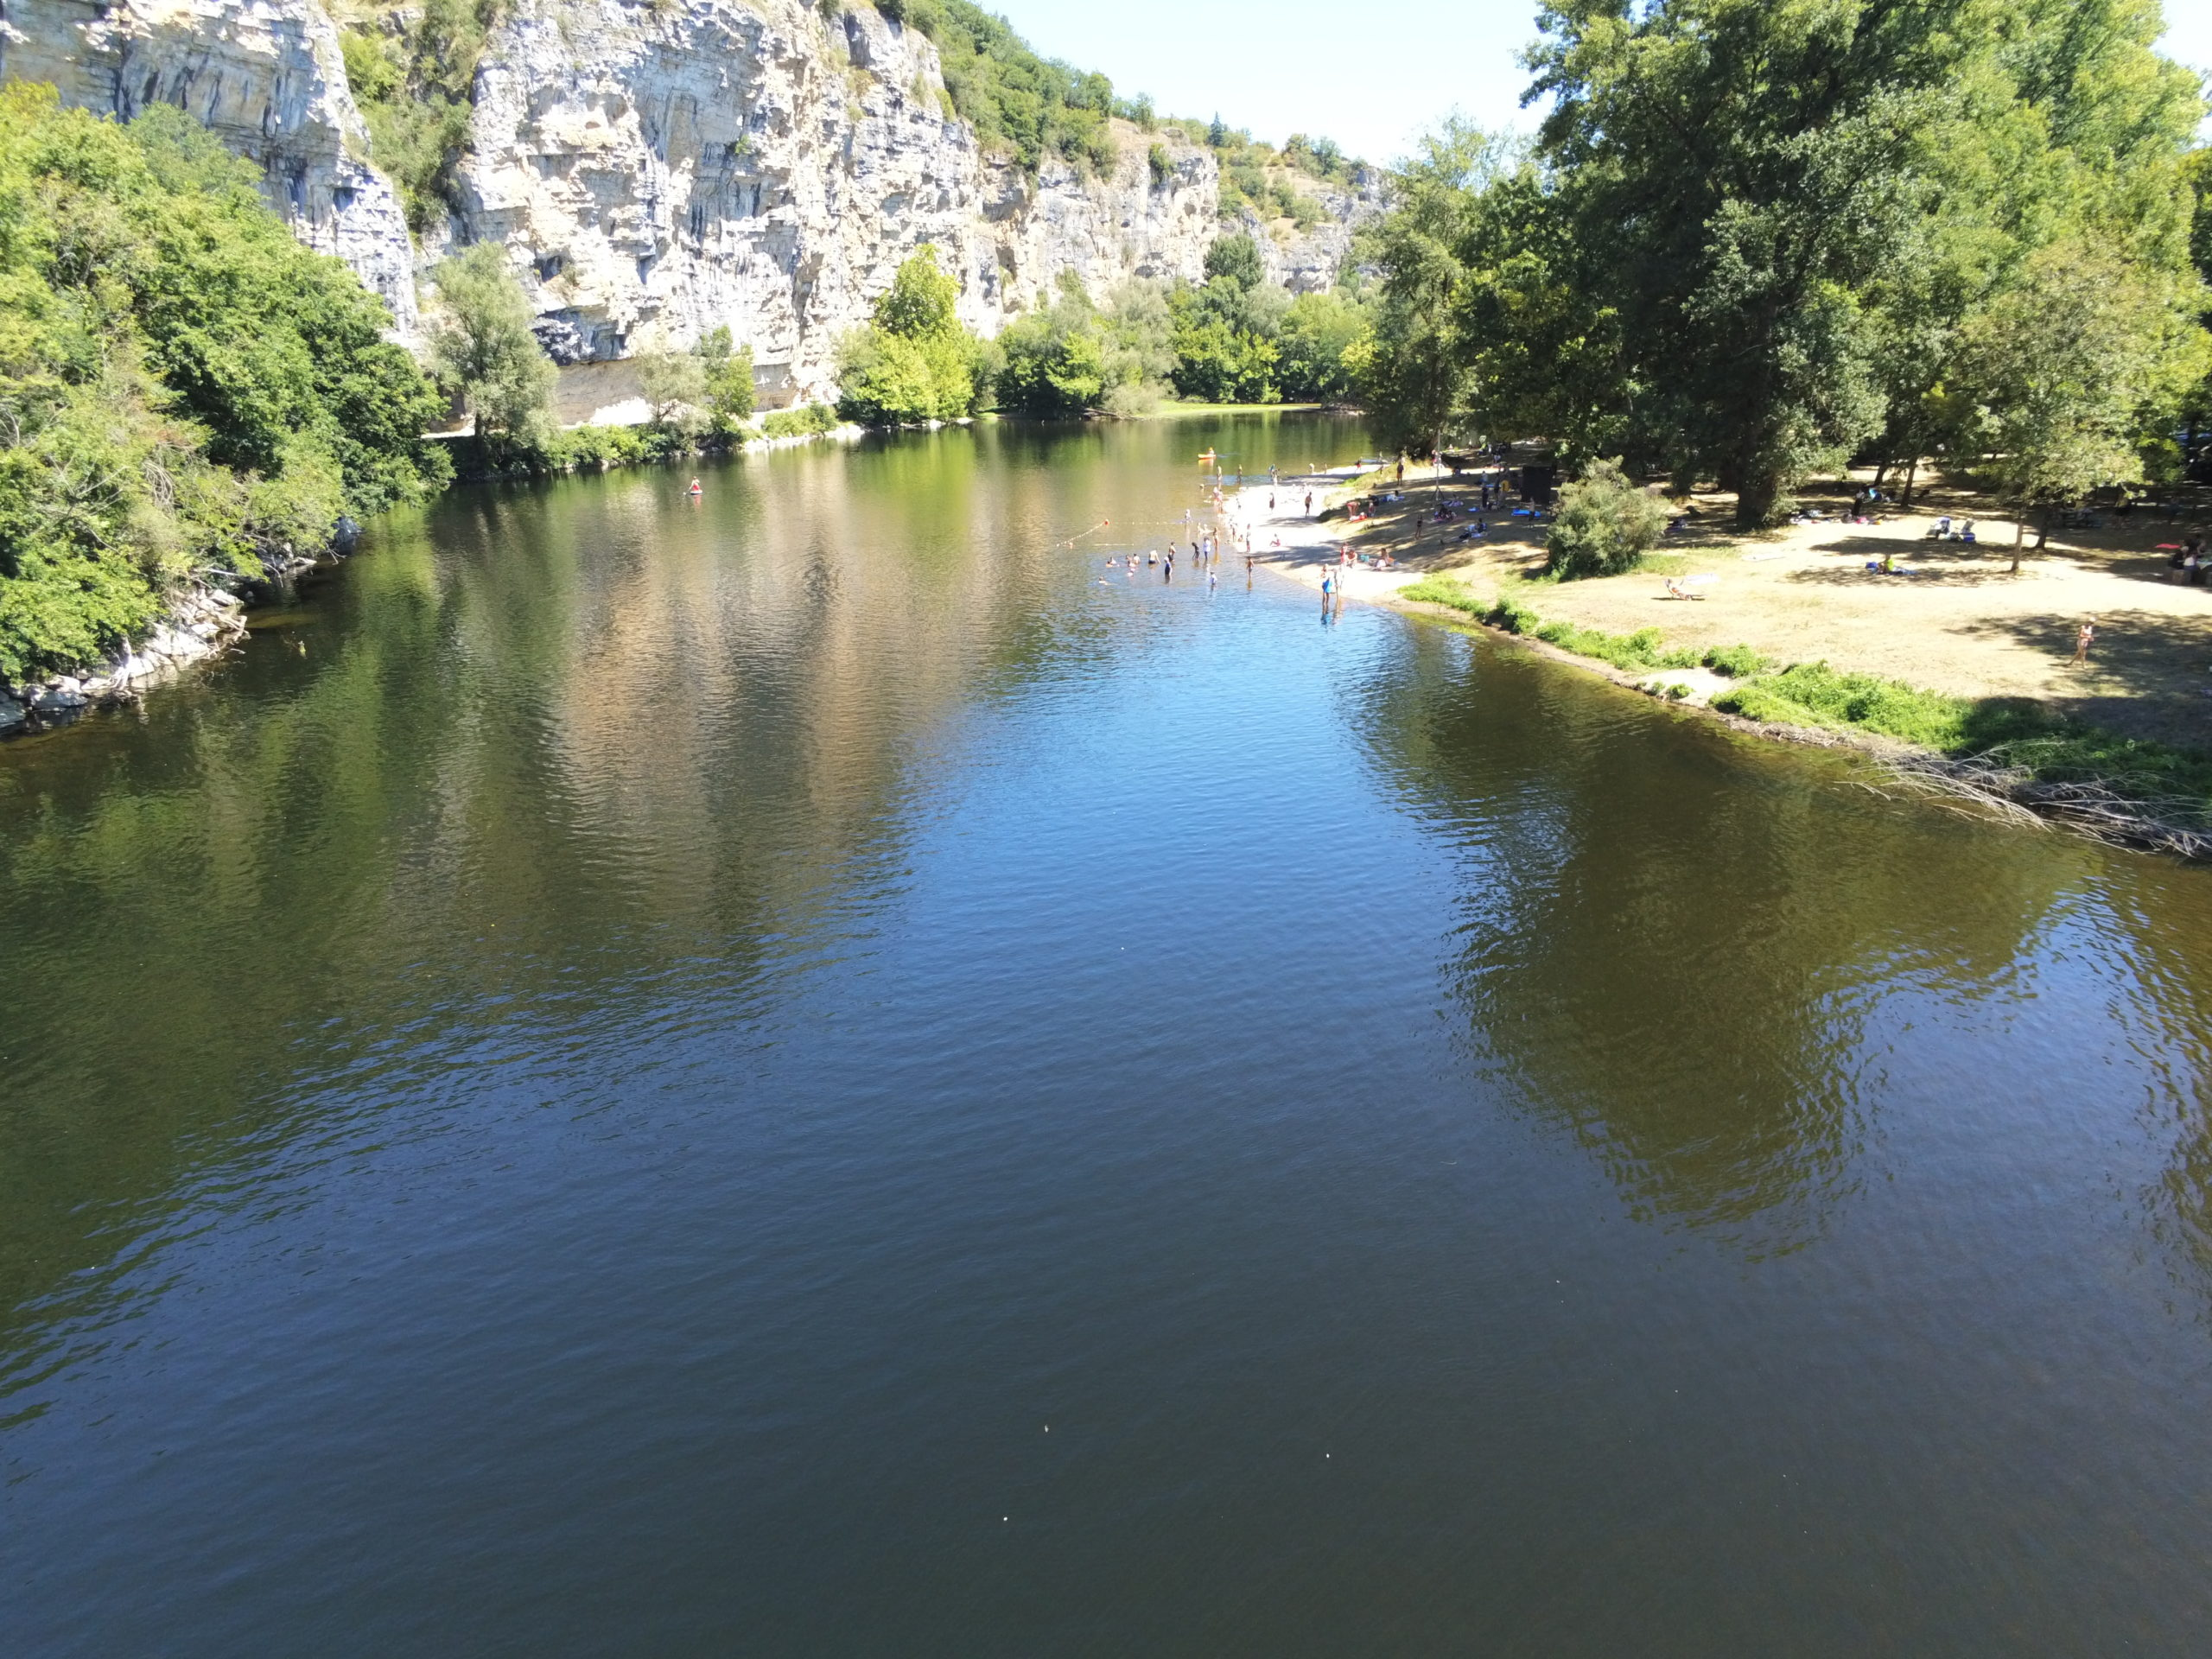 bords de rivière, Vallée de la Dordogne, Camping Les Falaises, Lot, Martel, Rocamadour, Padirac, Lot, nature, falaises, rivière